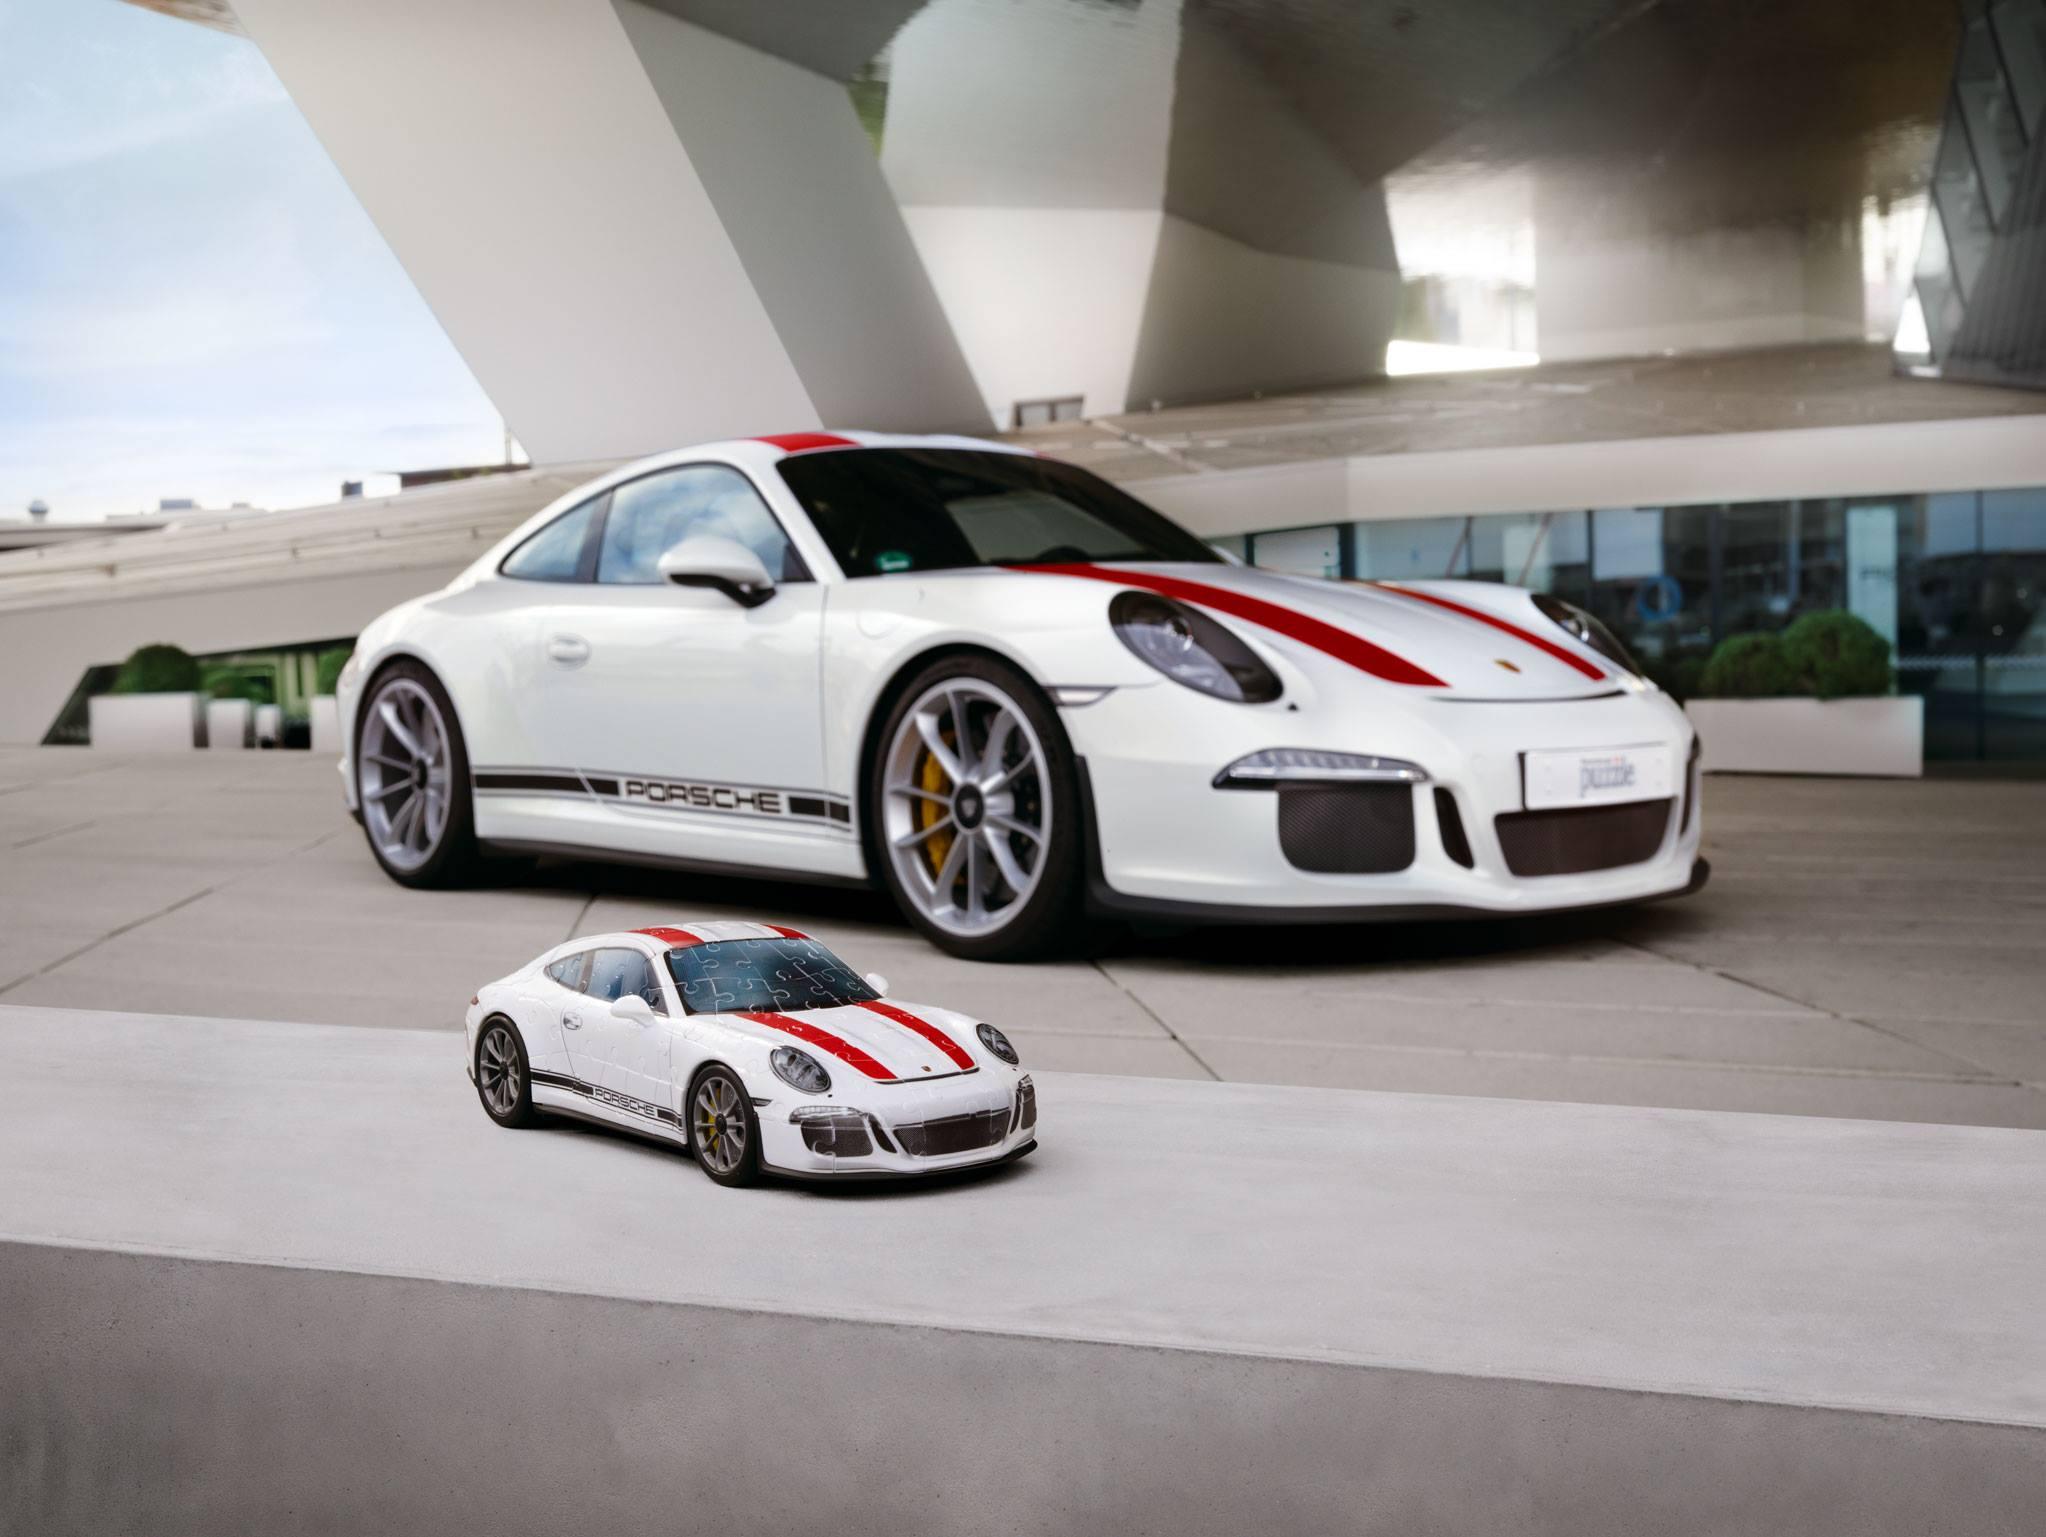 Porsche 911 R puzzle (5)